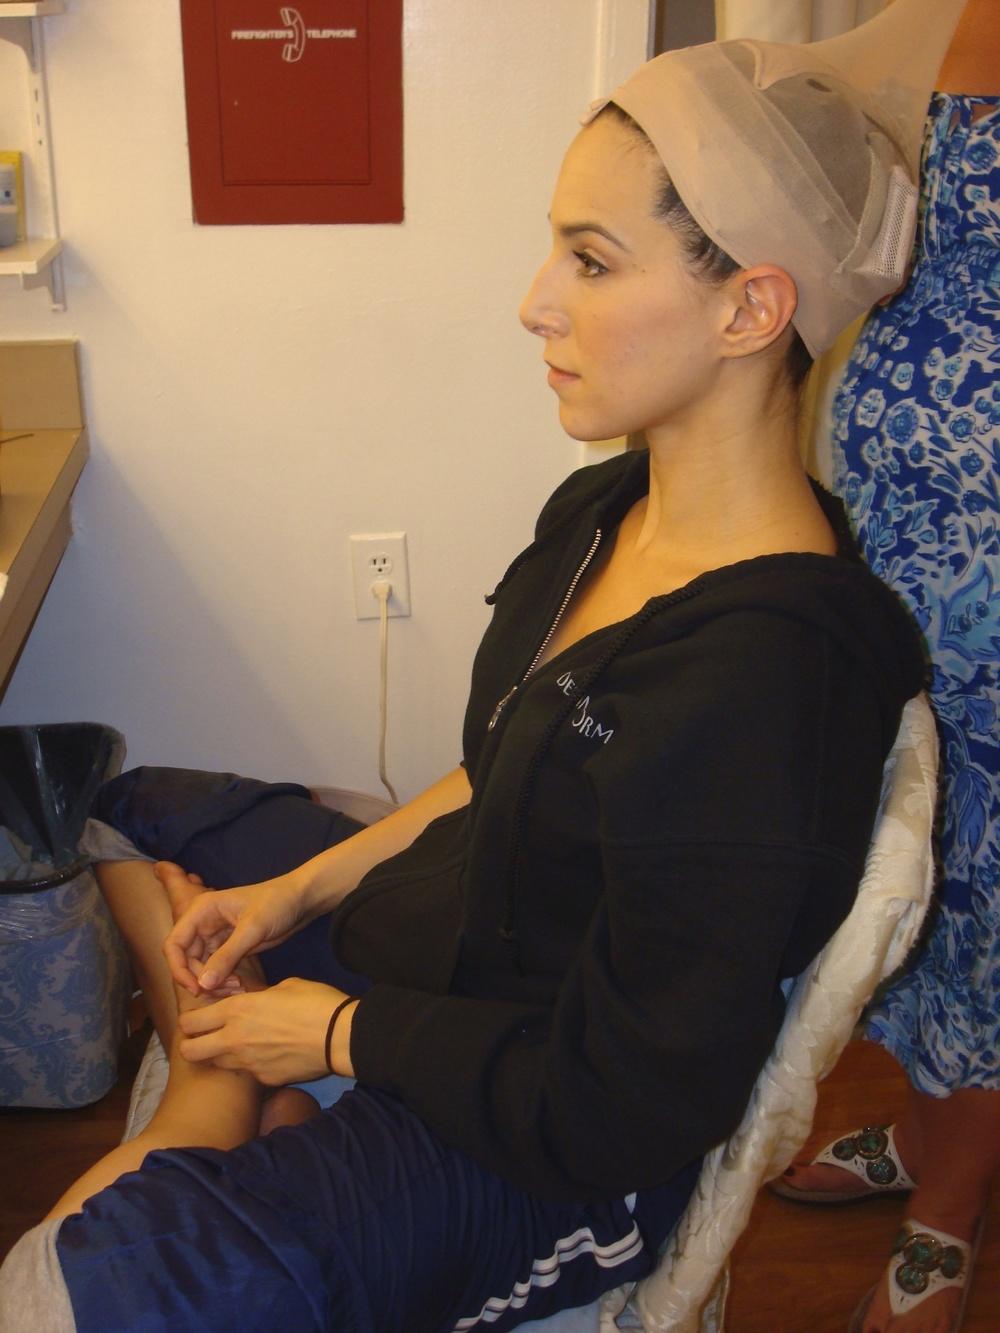 5-Eva wig prep.jpg